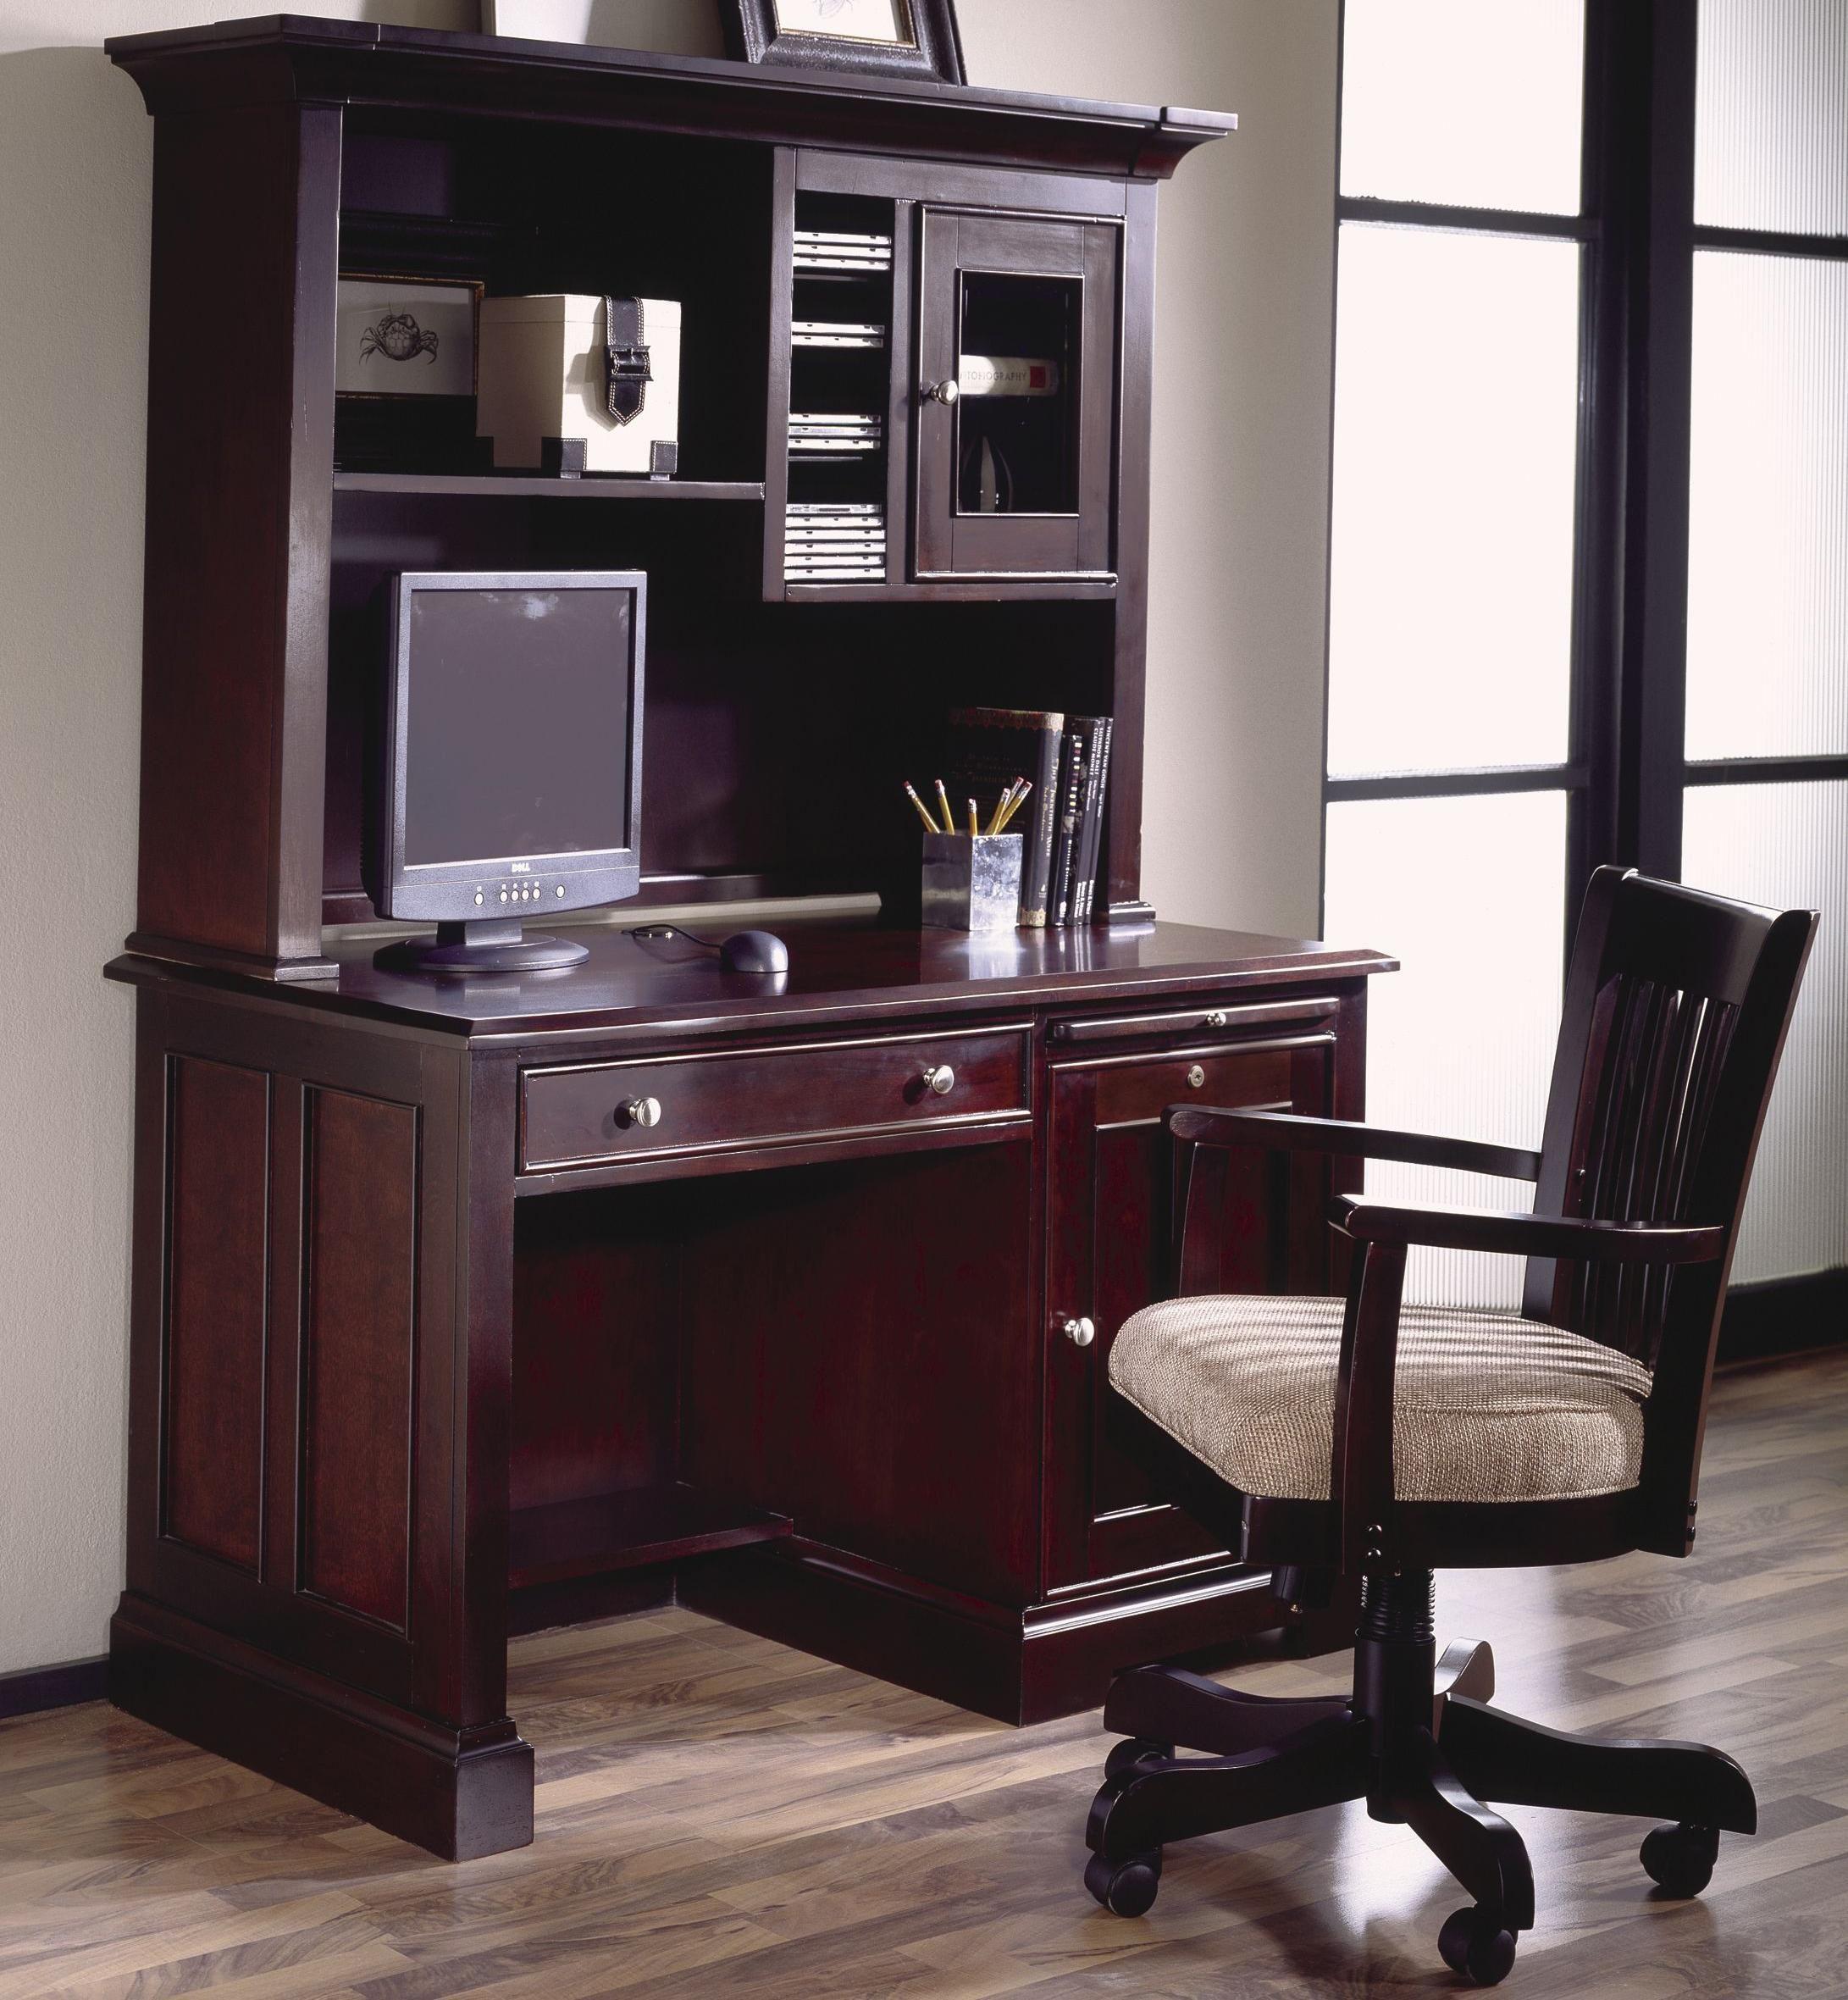 Riverside Furiture Urban Crossings 50 Inch Computer Desk With Hutch Constructed Of Poplar Hardwood Solids And Birch Cherry Veneers Computerdesk